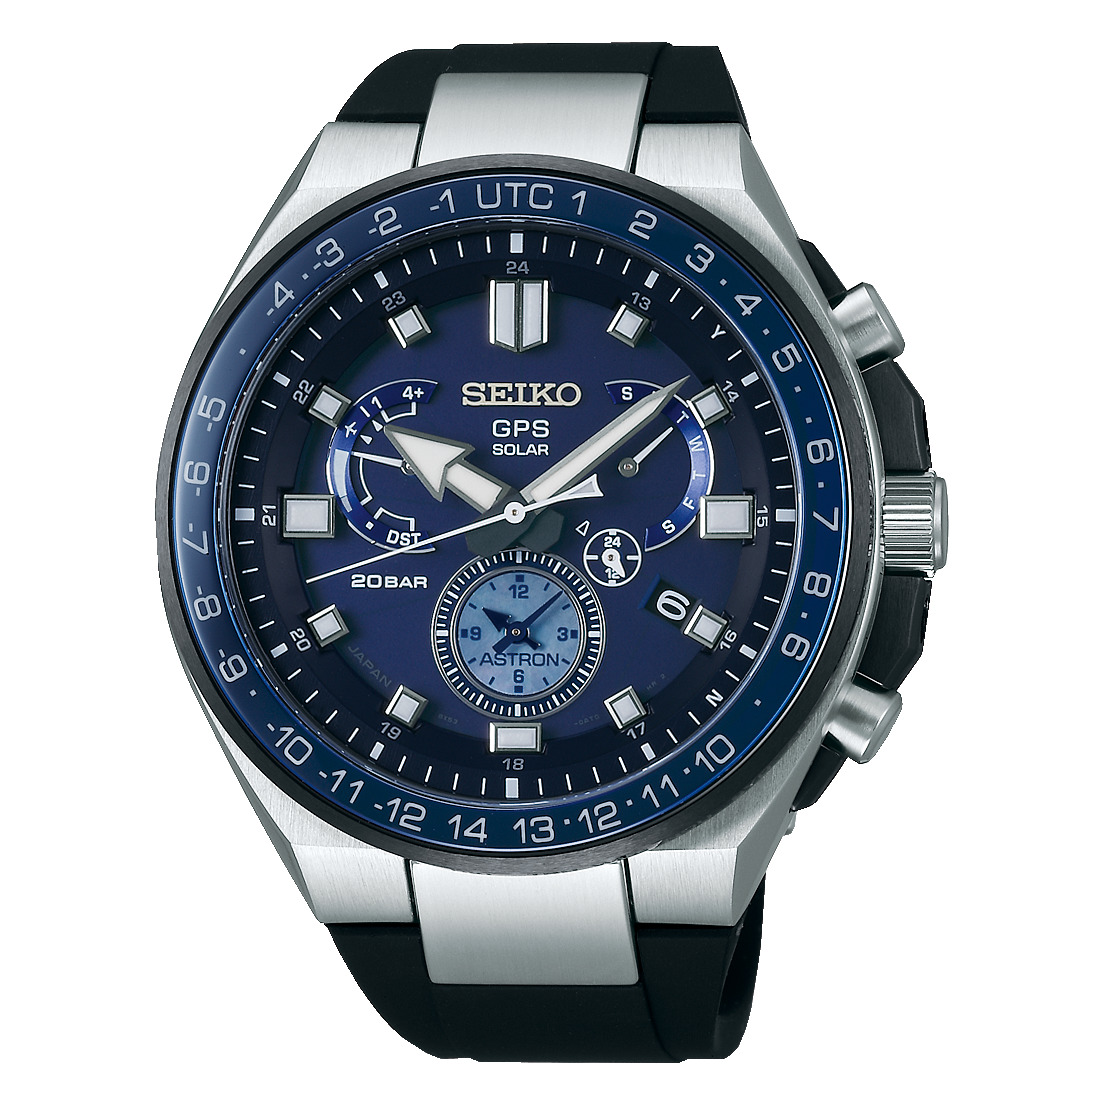 正規品 SEIKO セイコー ASTRON アストロン SBXB167 腕時計